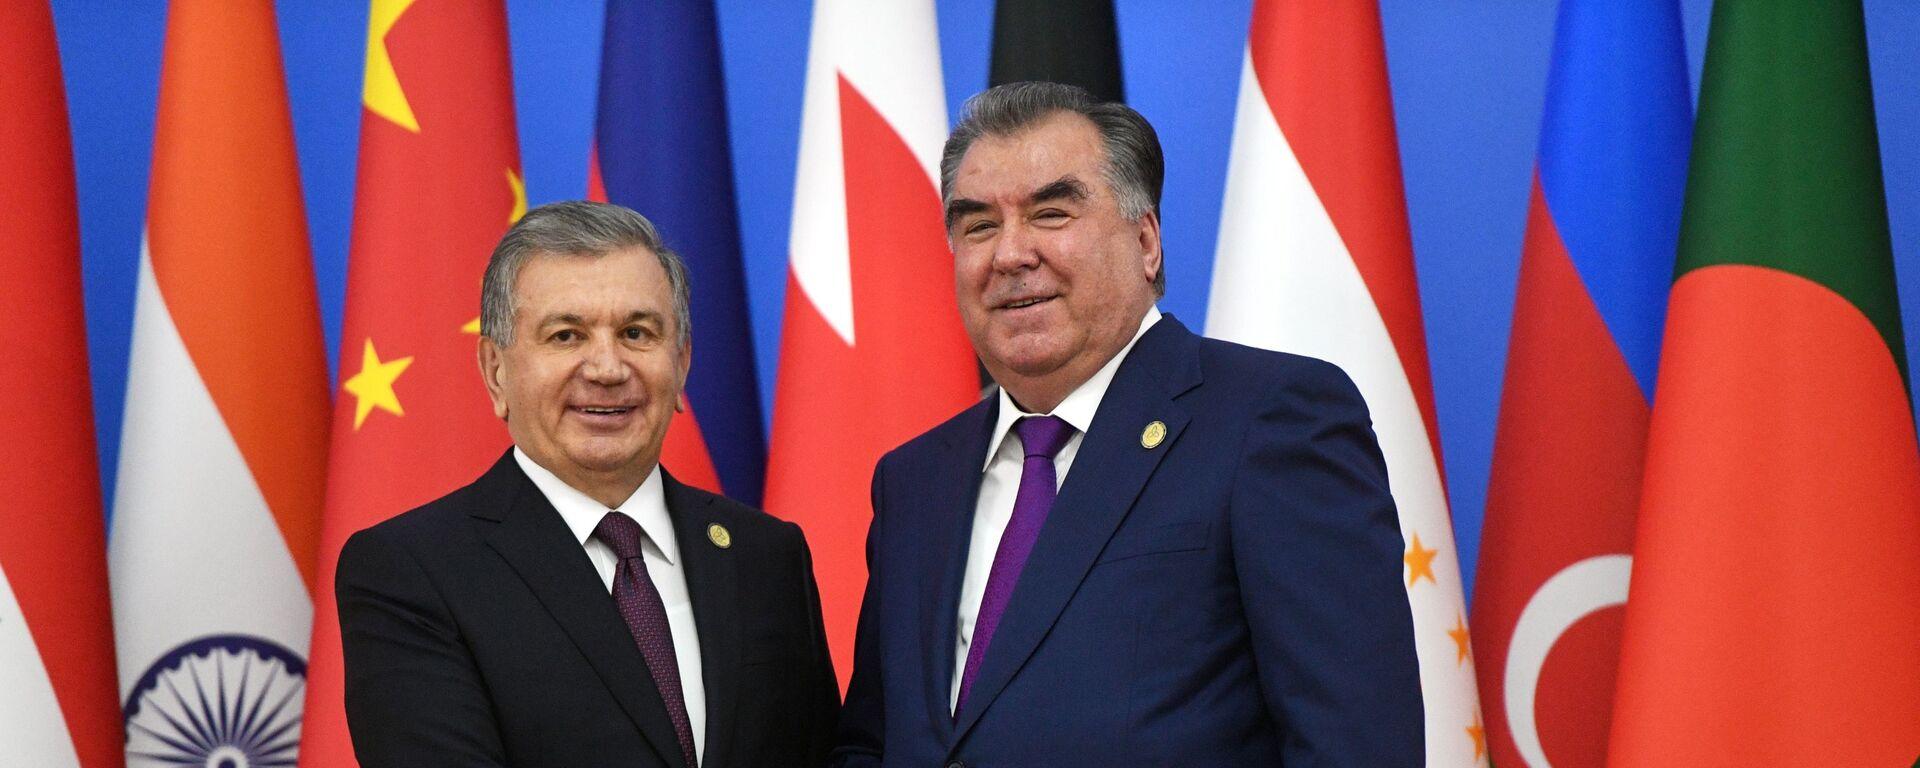 Рабочий визит президента РФ В. Путина в Таджикистан для участия в СВМДА - Sputnik Таджикистан, 1920, 15.05.2021